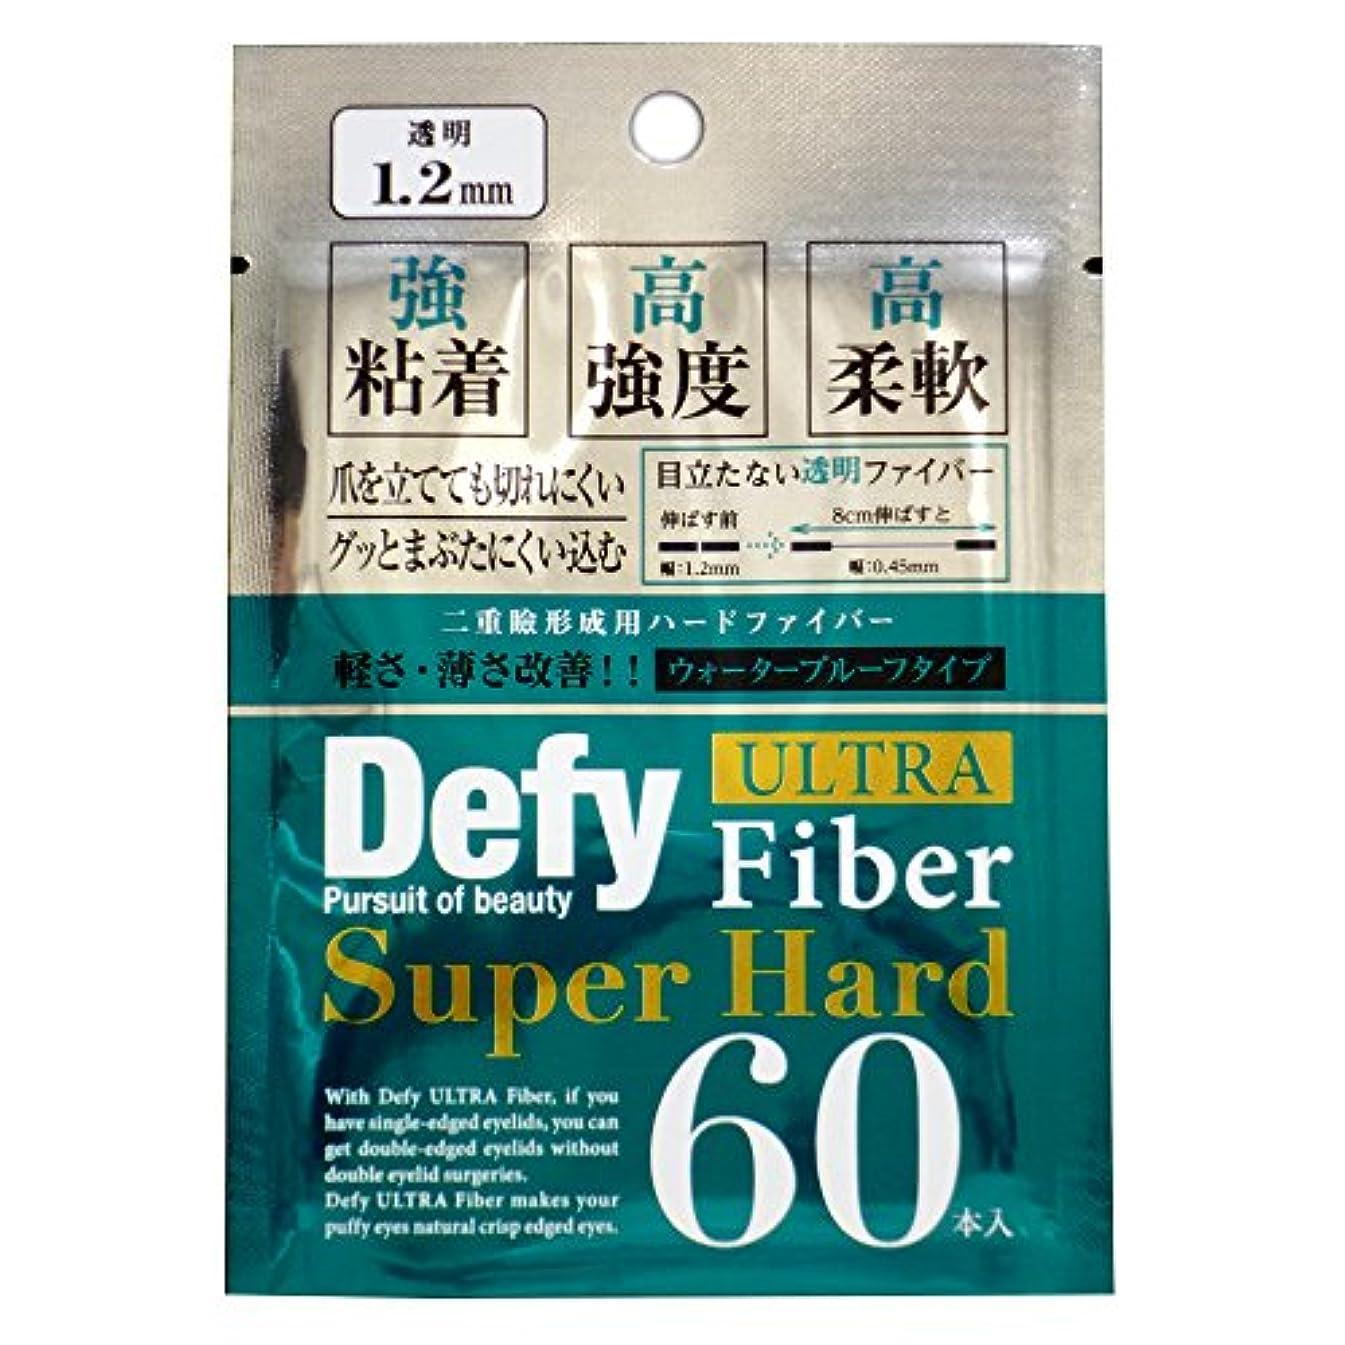 ファセットめんどりきらめきDefy ウルトラファイバーII スーパーハード クリア 1.2mm